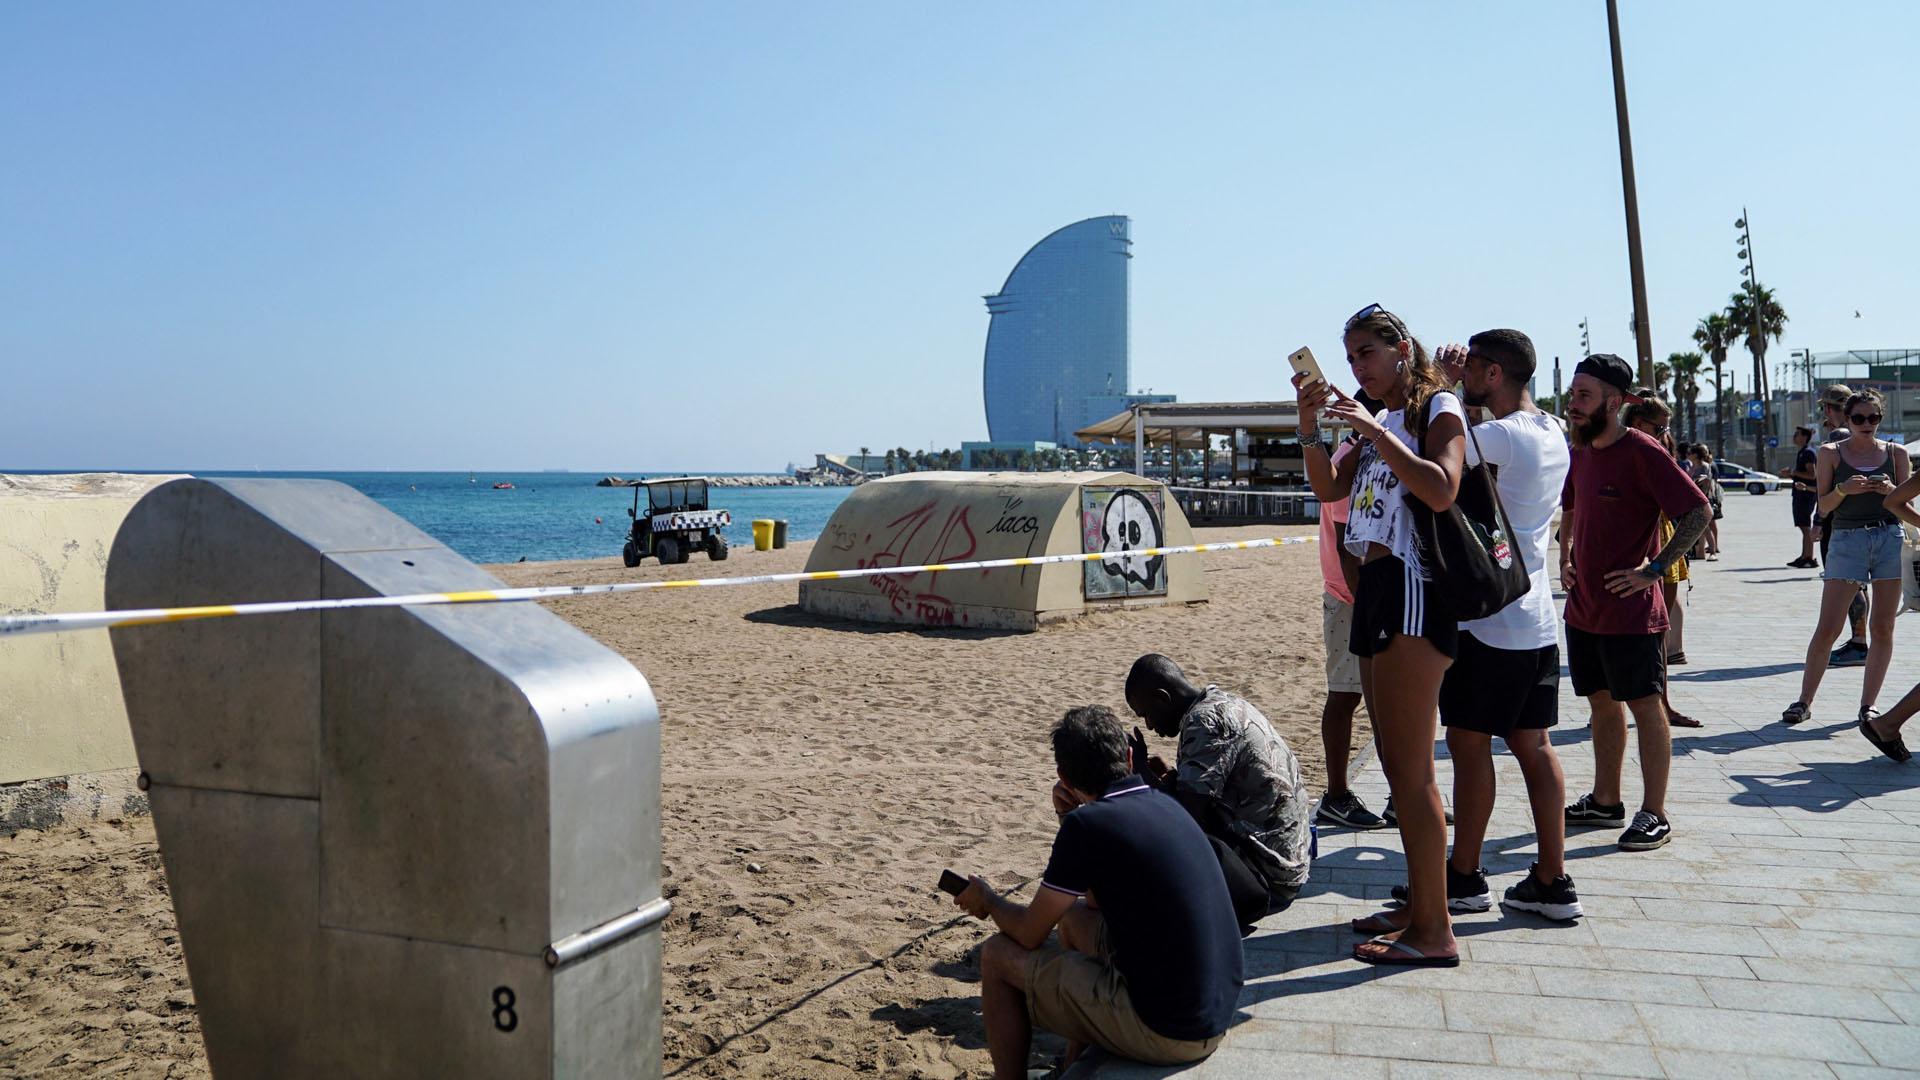 Bañistas desalojados de playa St Sebastiá. Foto de @bcn_ajuntament